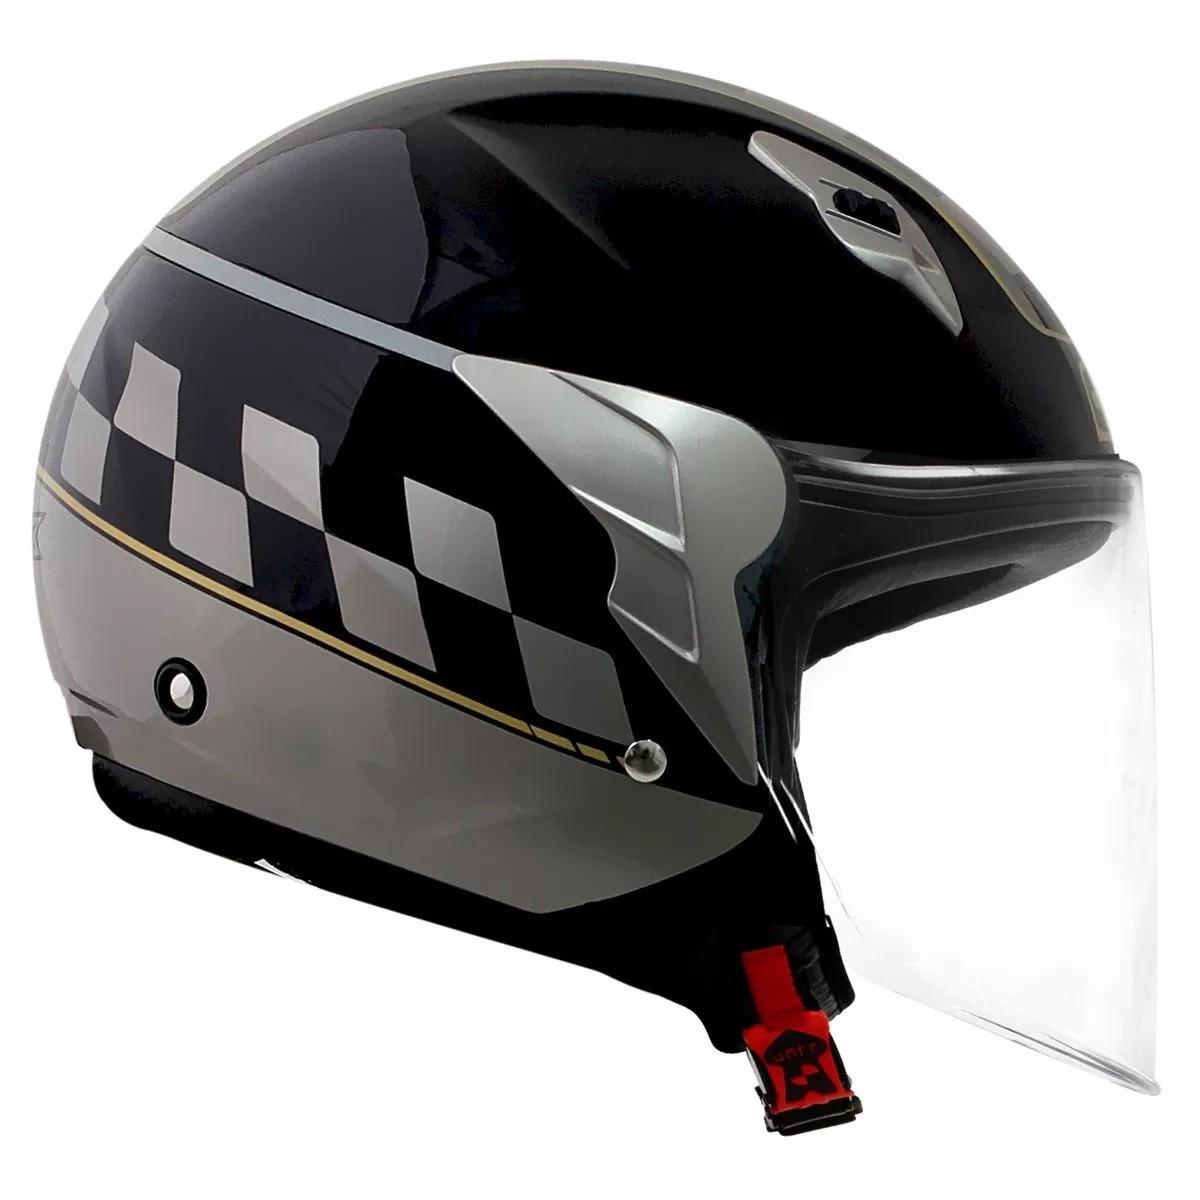 Capacete Norisk College Black / Grey  - Ditesta & Daihead - Moto Store